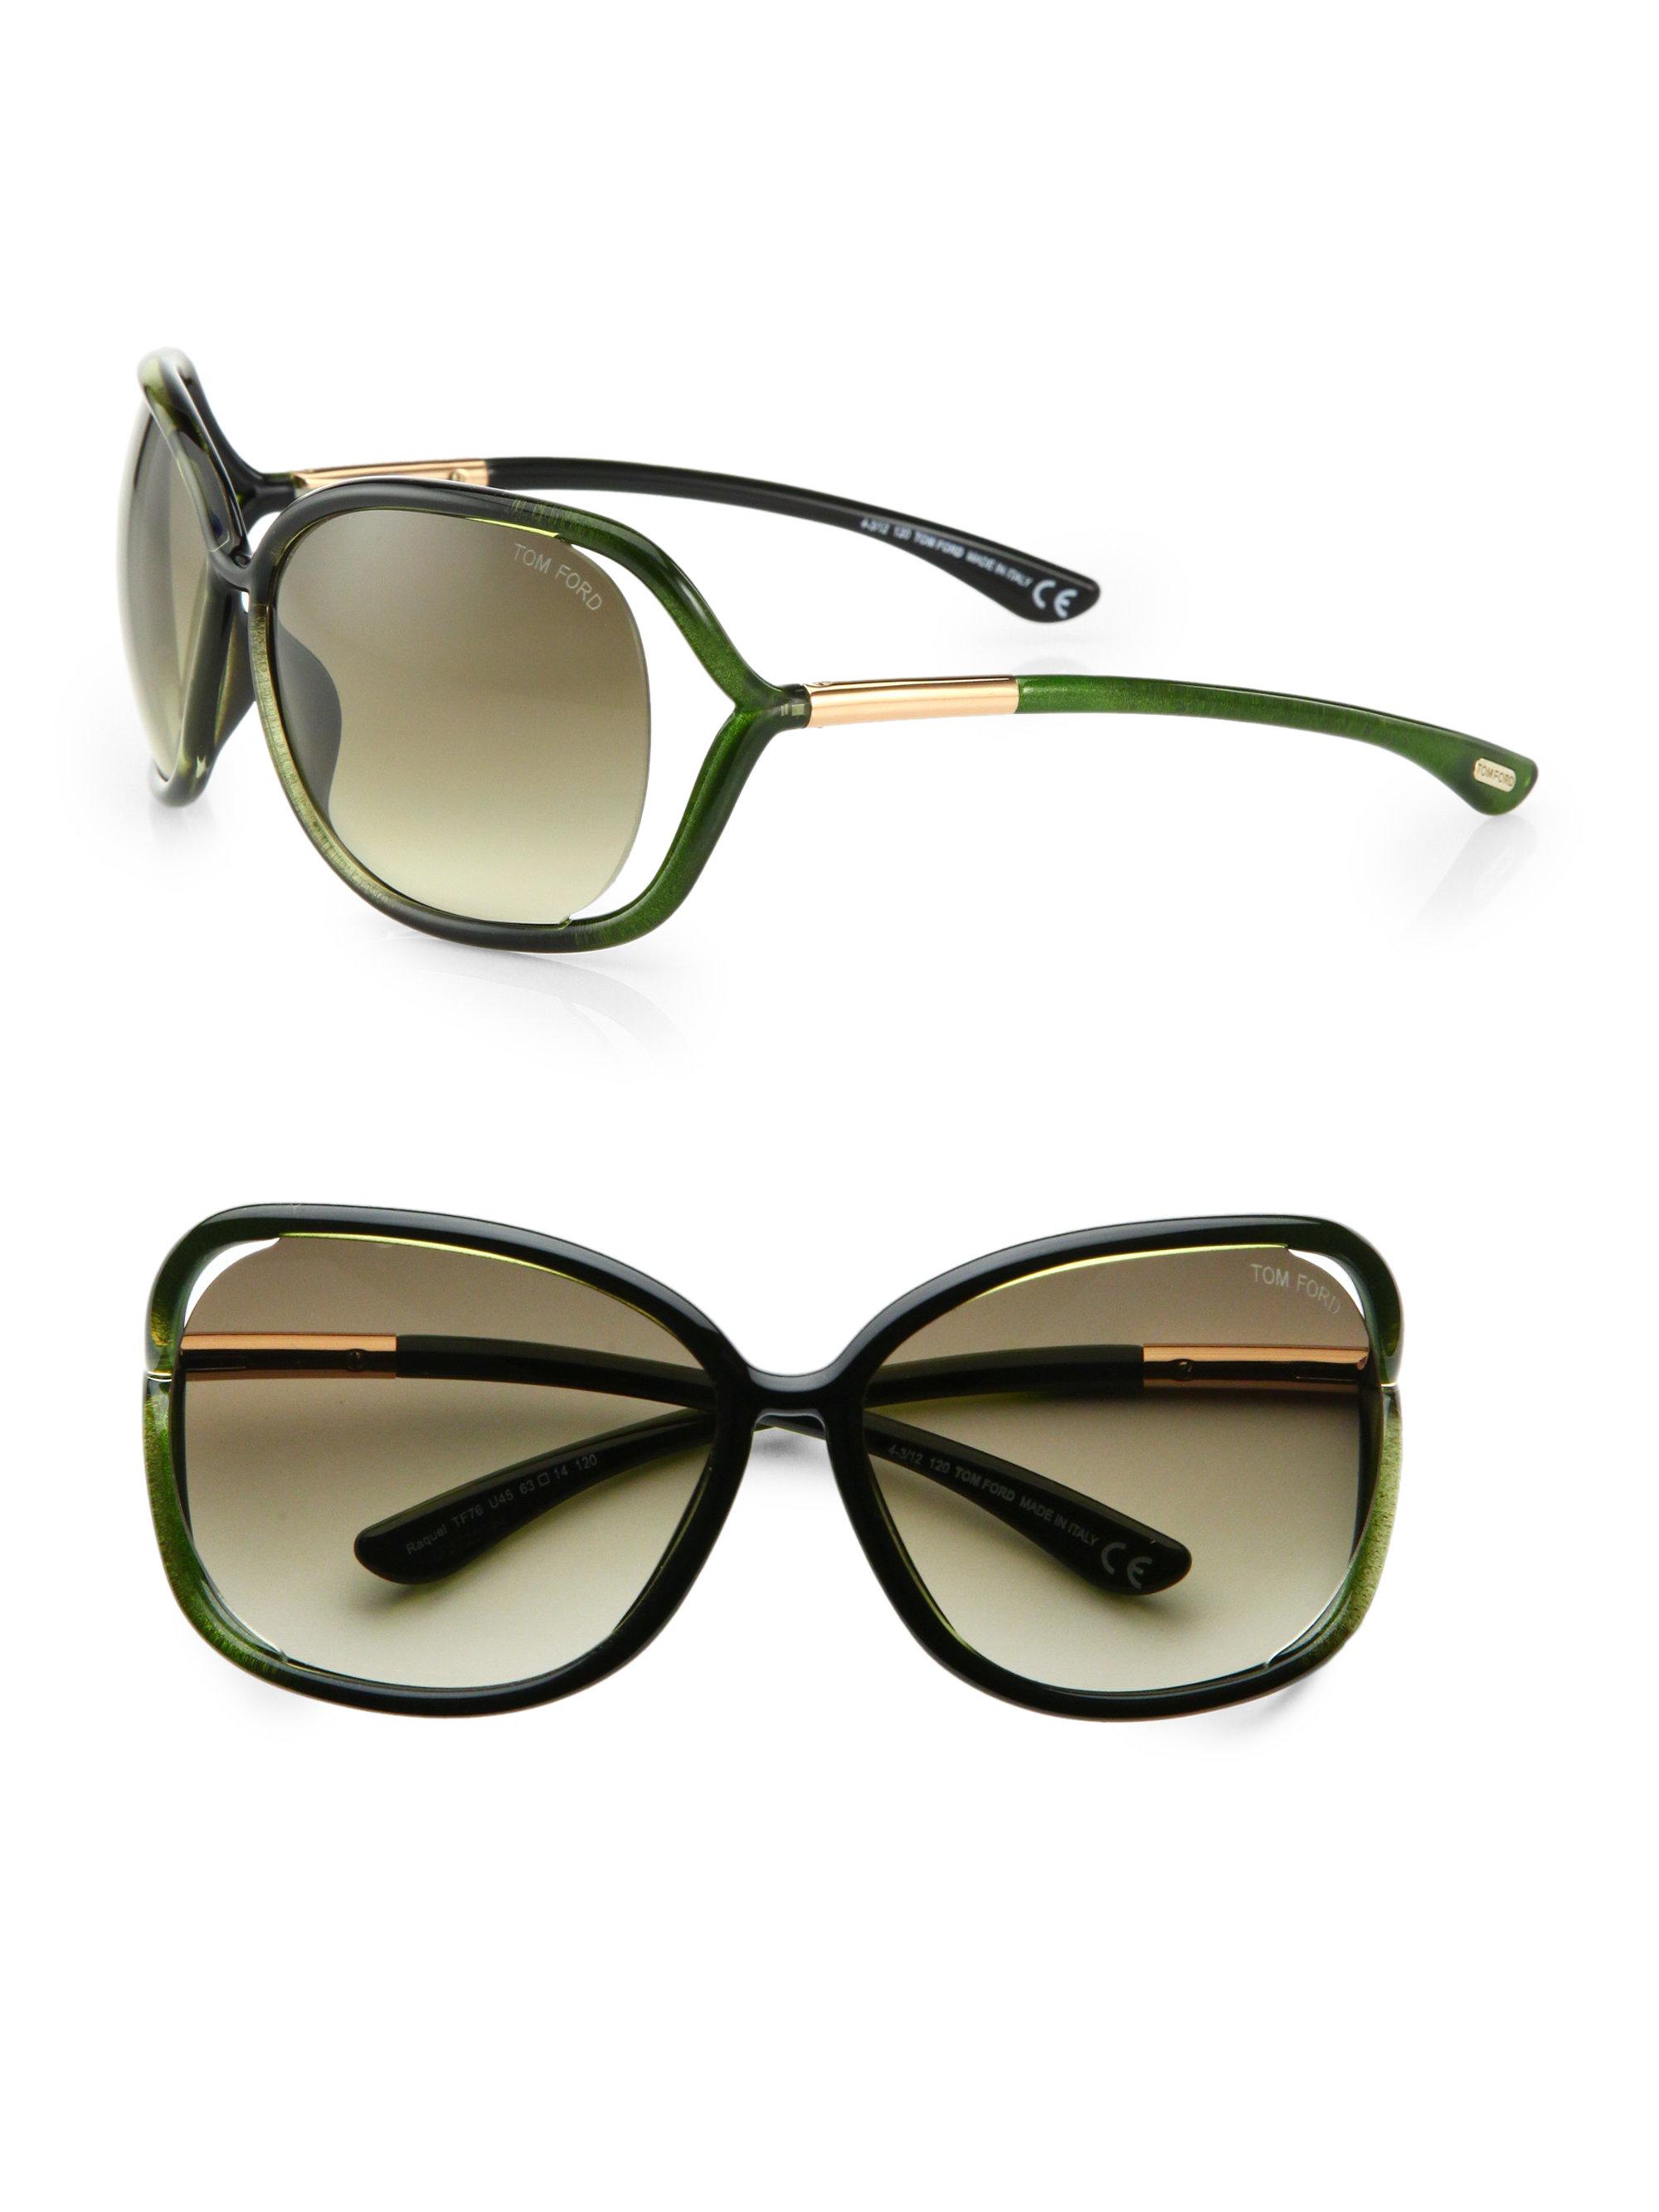 9f19470f5f96 Lyst - Tom Ford Raquel 68Mm Oval Sunglasses in Green